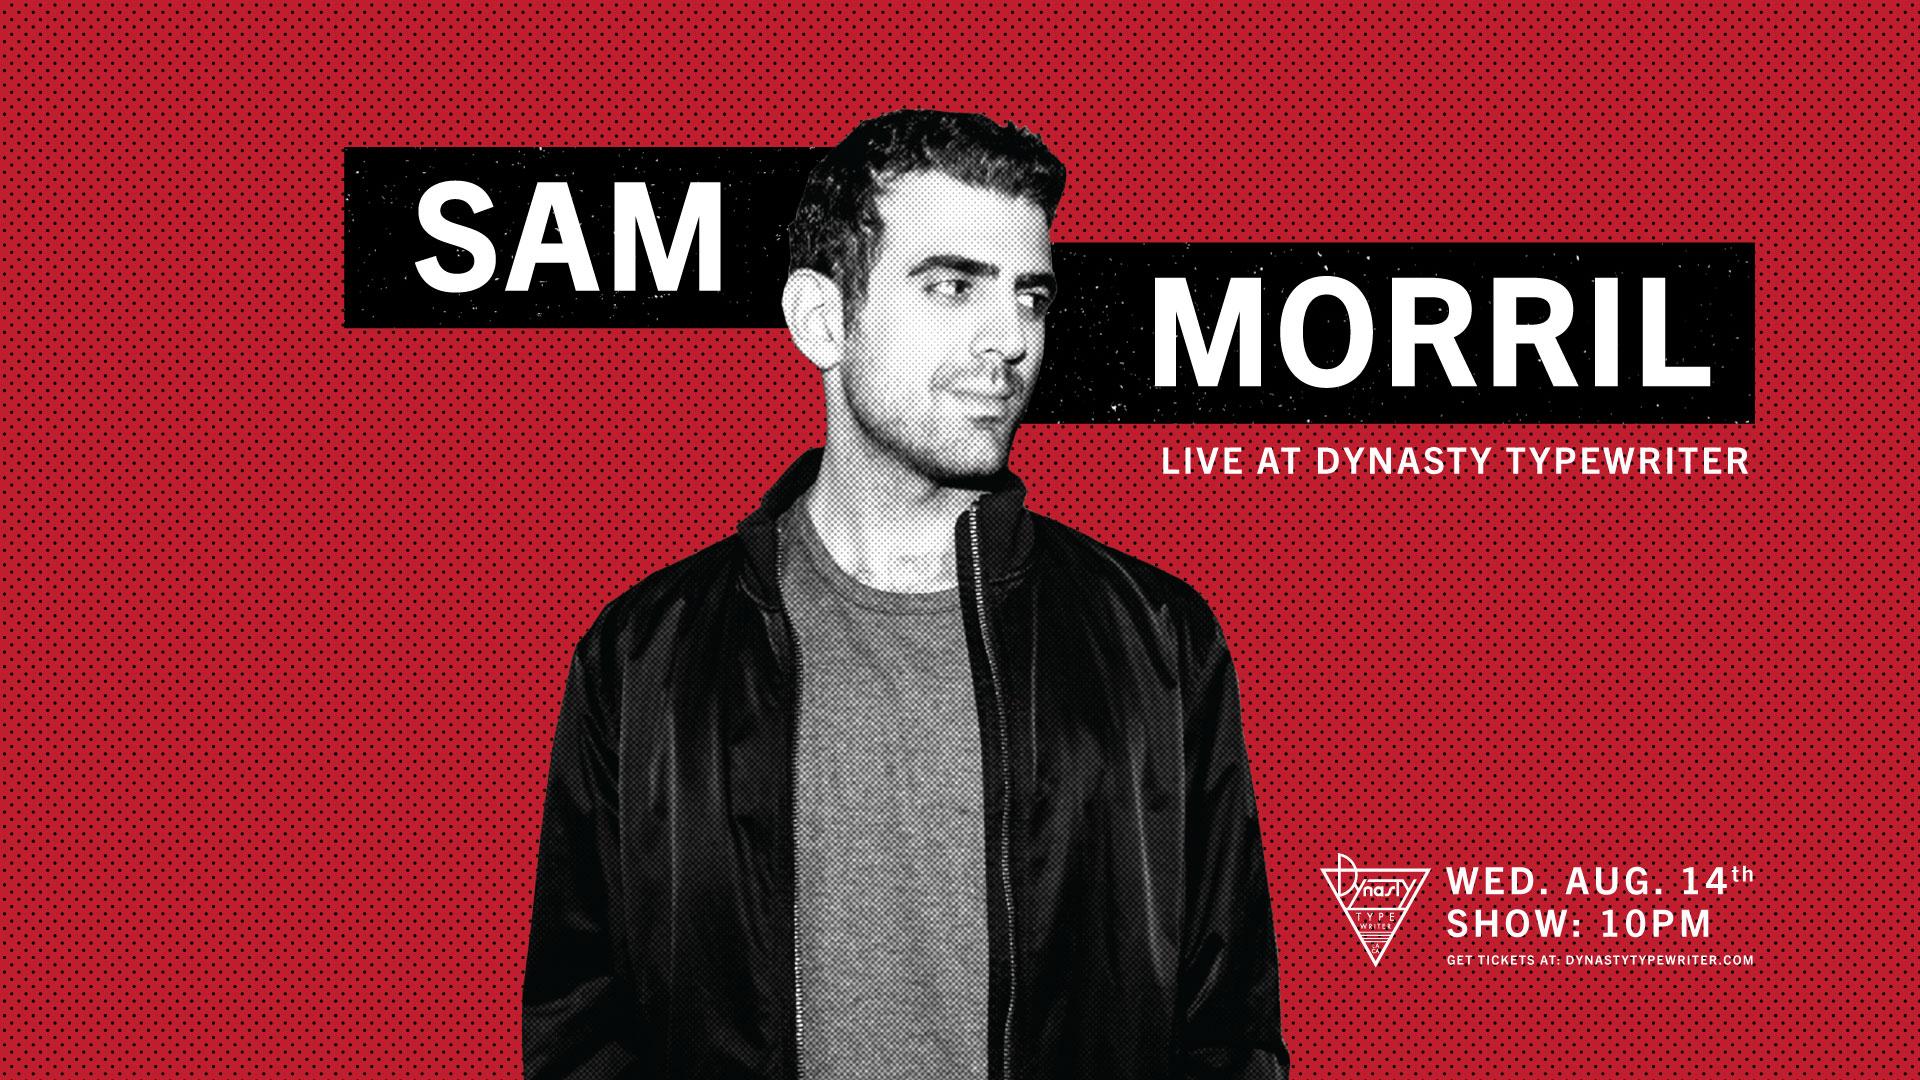 08.14-SAM-MORRIL_bn.jpg